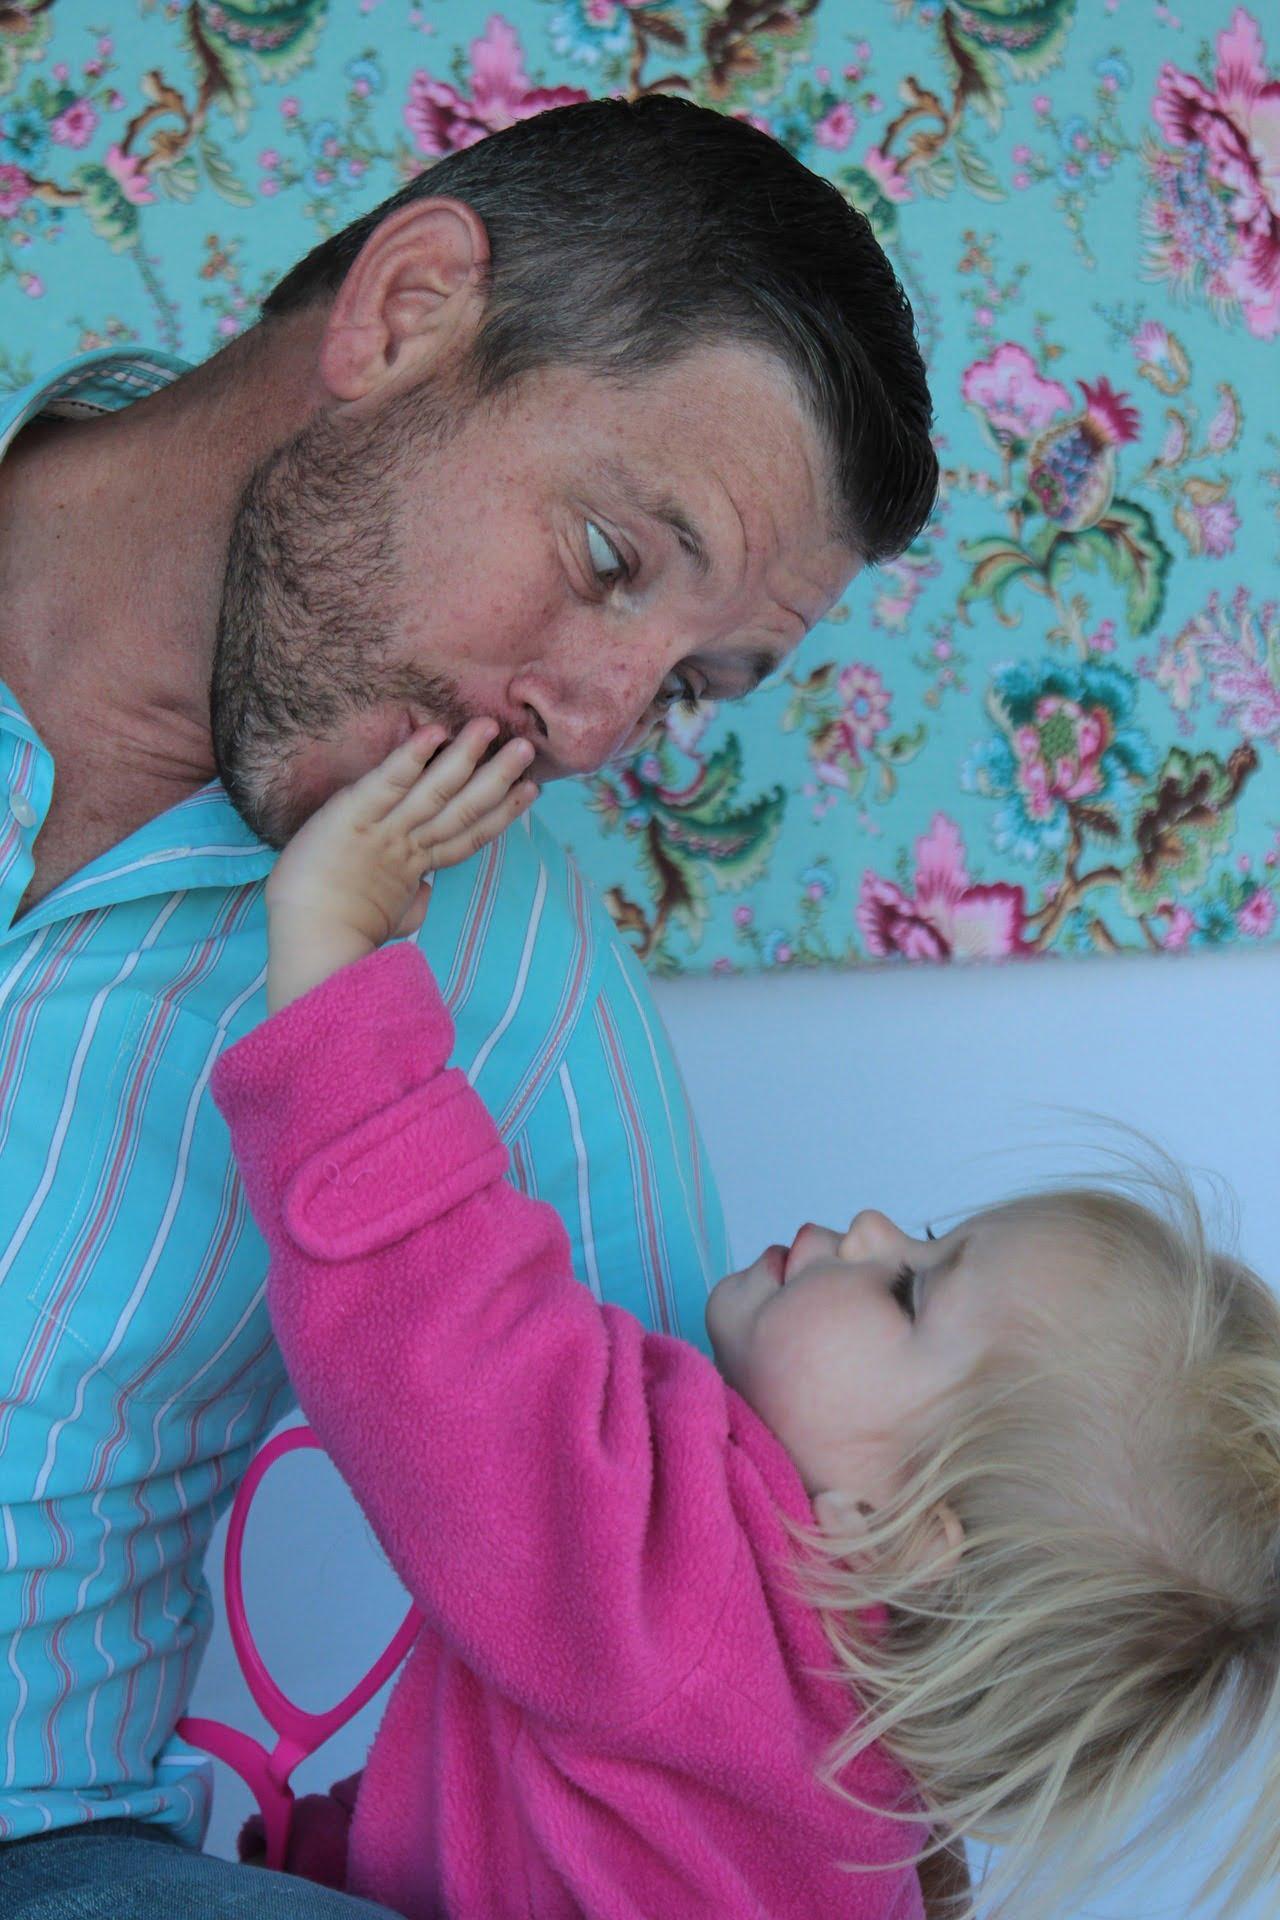 Dezvoltarea emoțională în copilărie. Emoțiile și dezvoltarea acestora